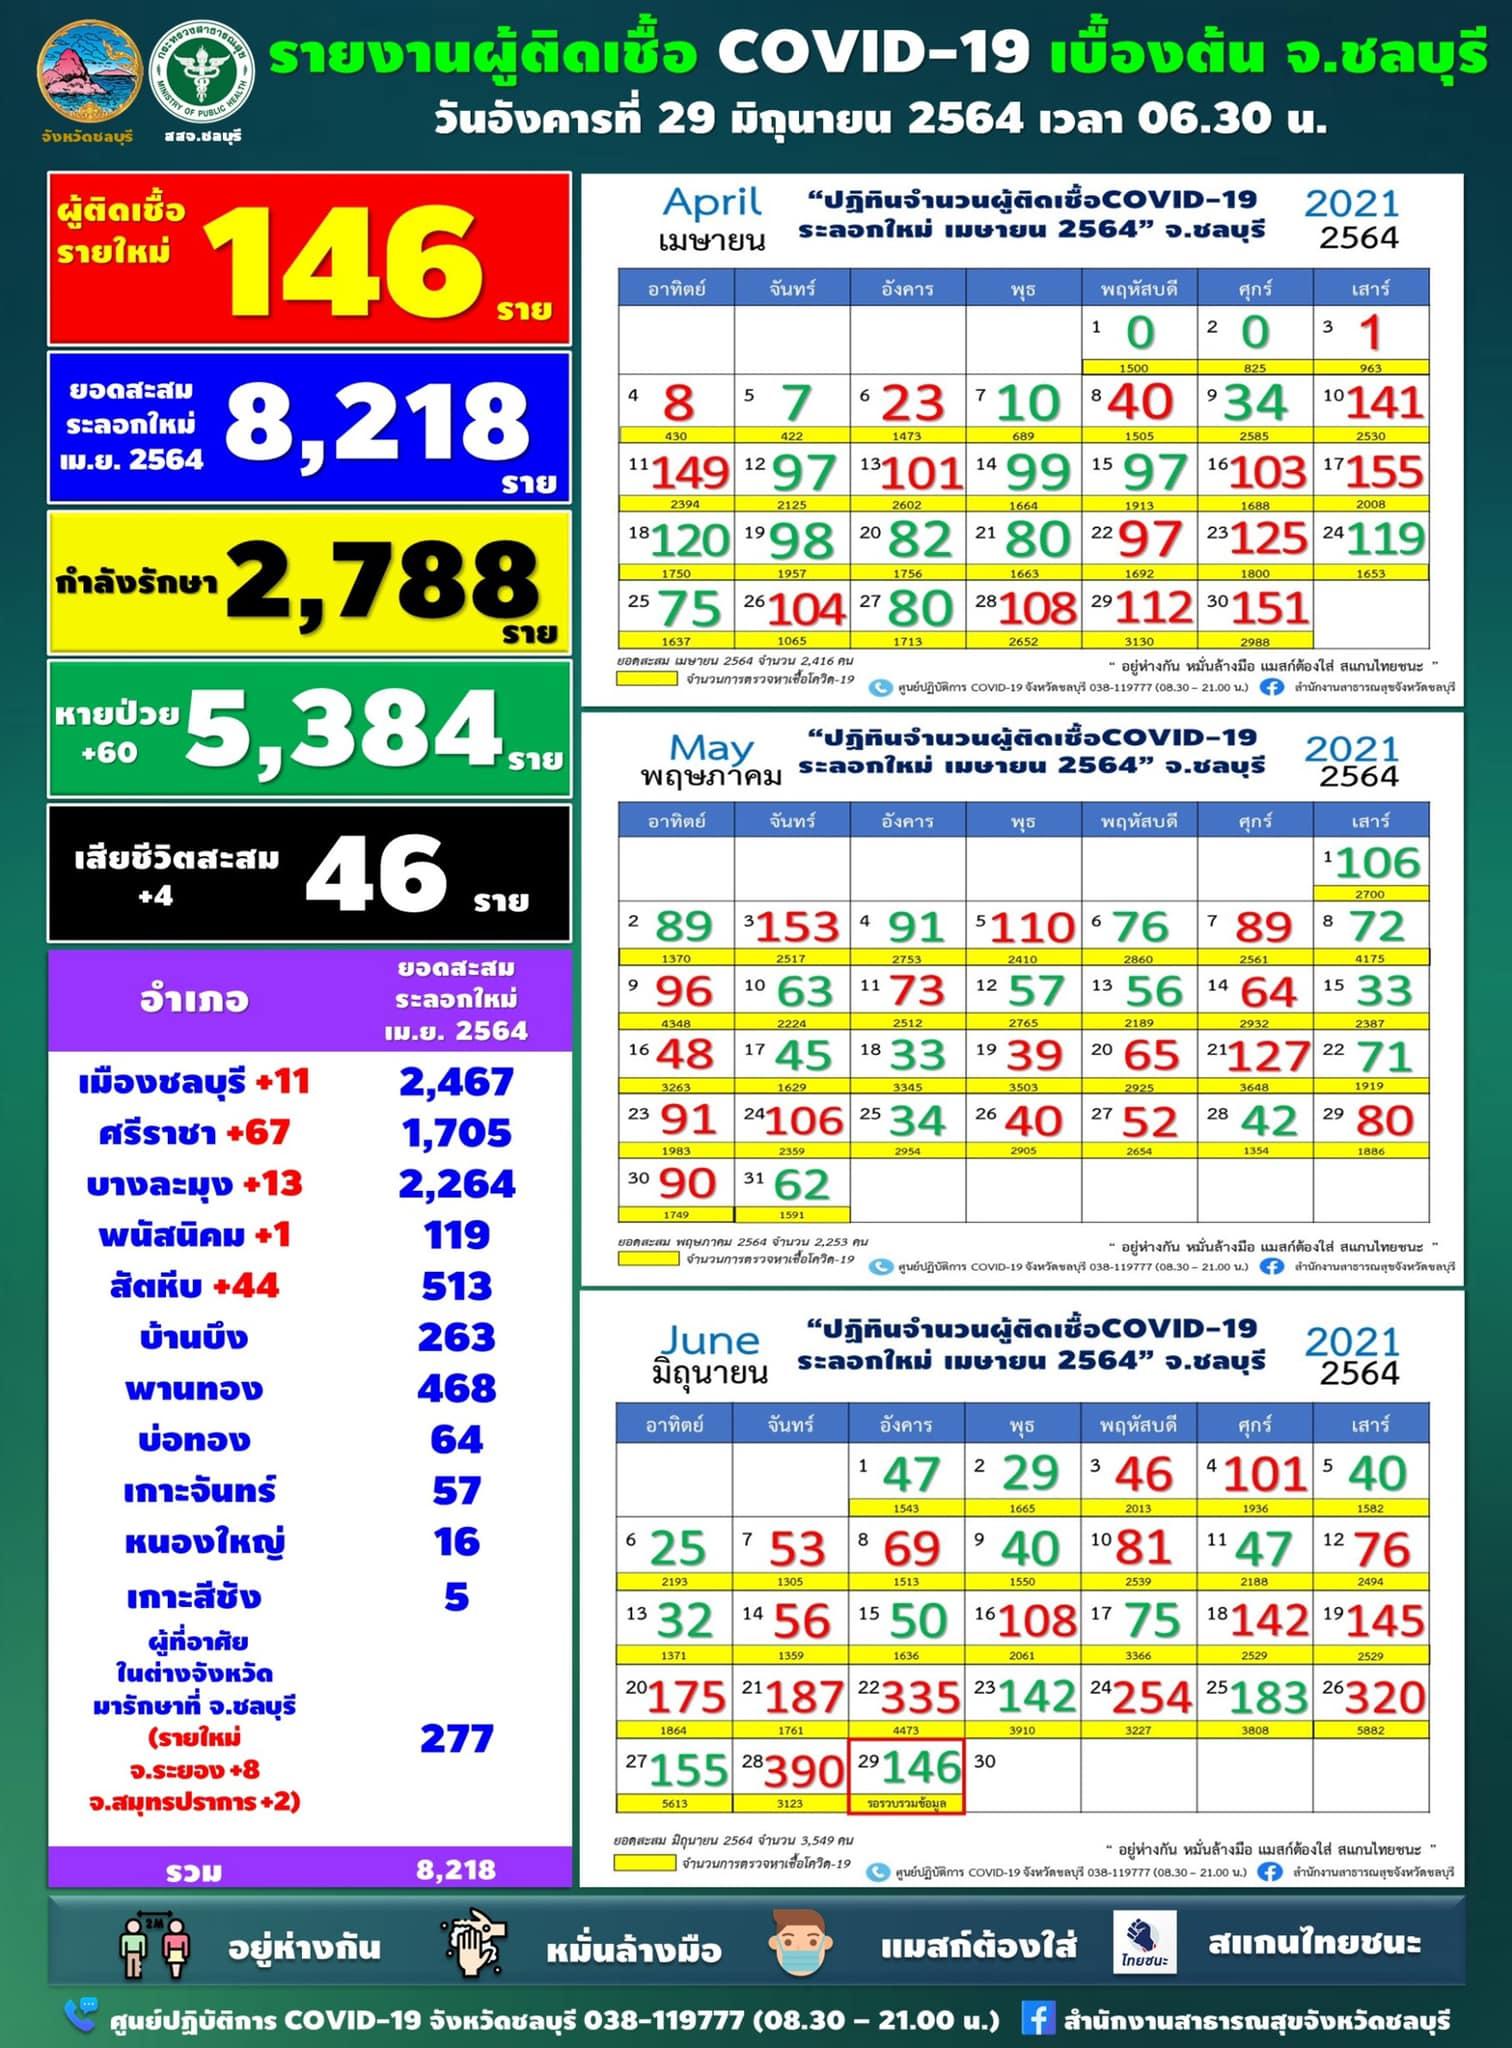 チョンブリ県 陽性146人/シラチャ67人/サタヒップ44人[2021年6月29日発表]